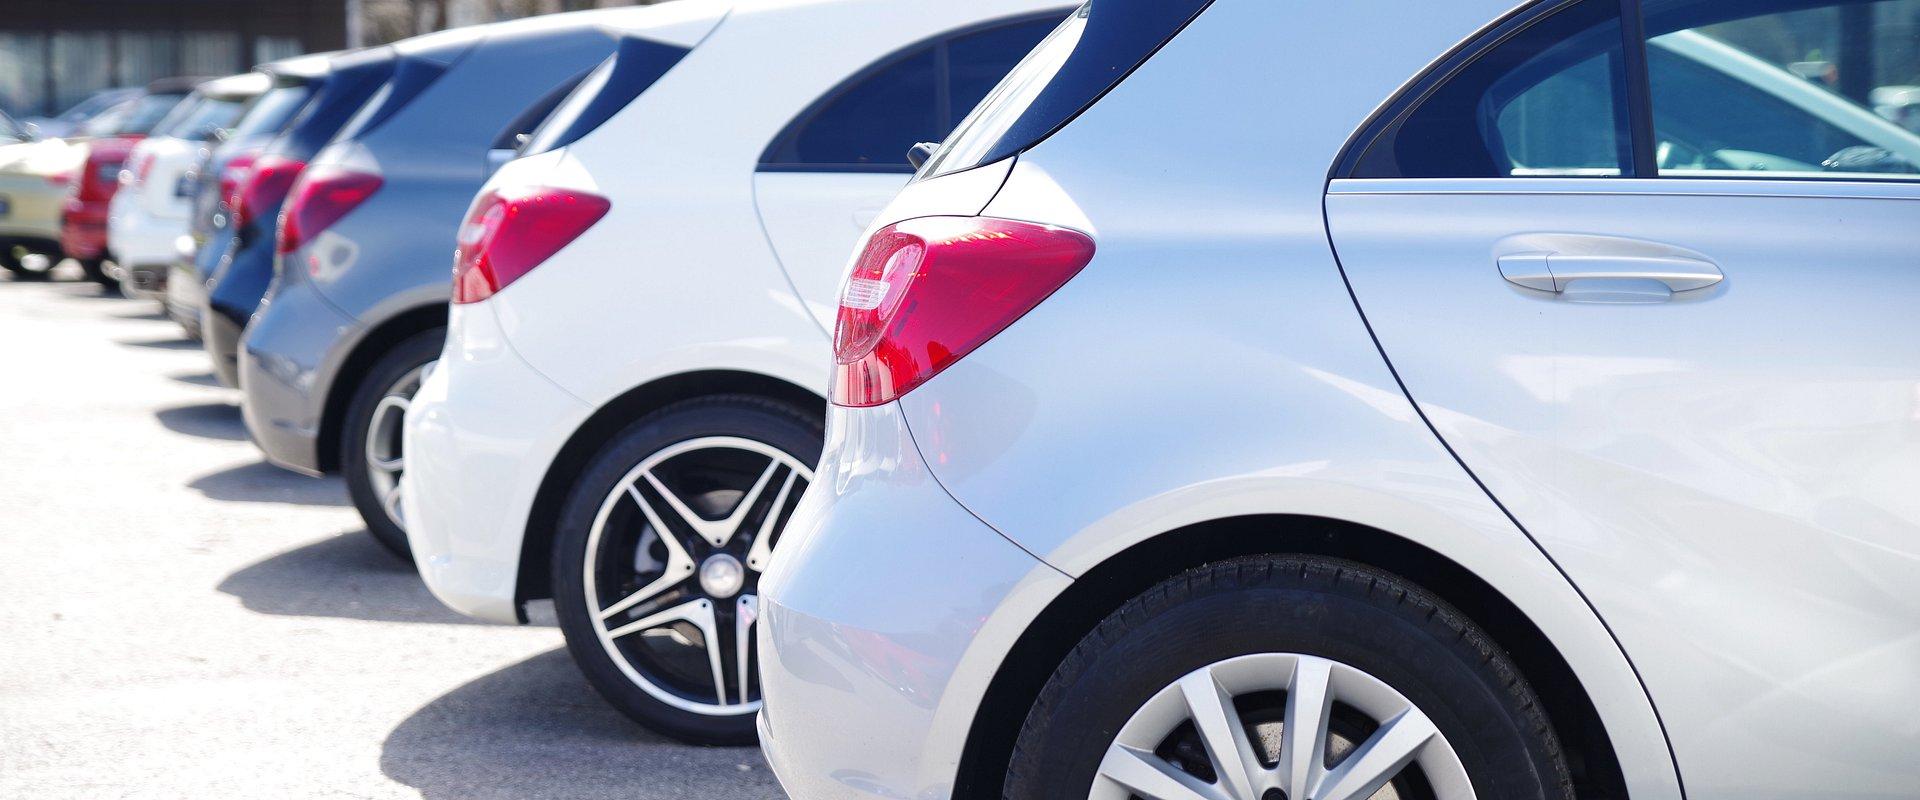 Jak przekonać firmy do leasingu aut w nowej rzeczywistości podatkowej?